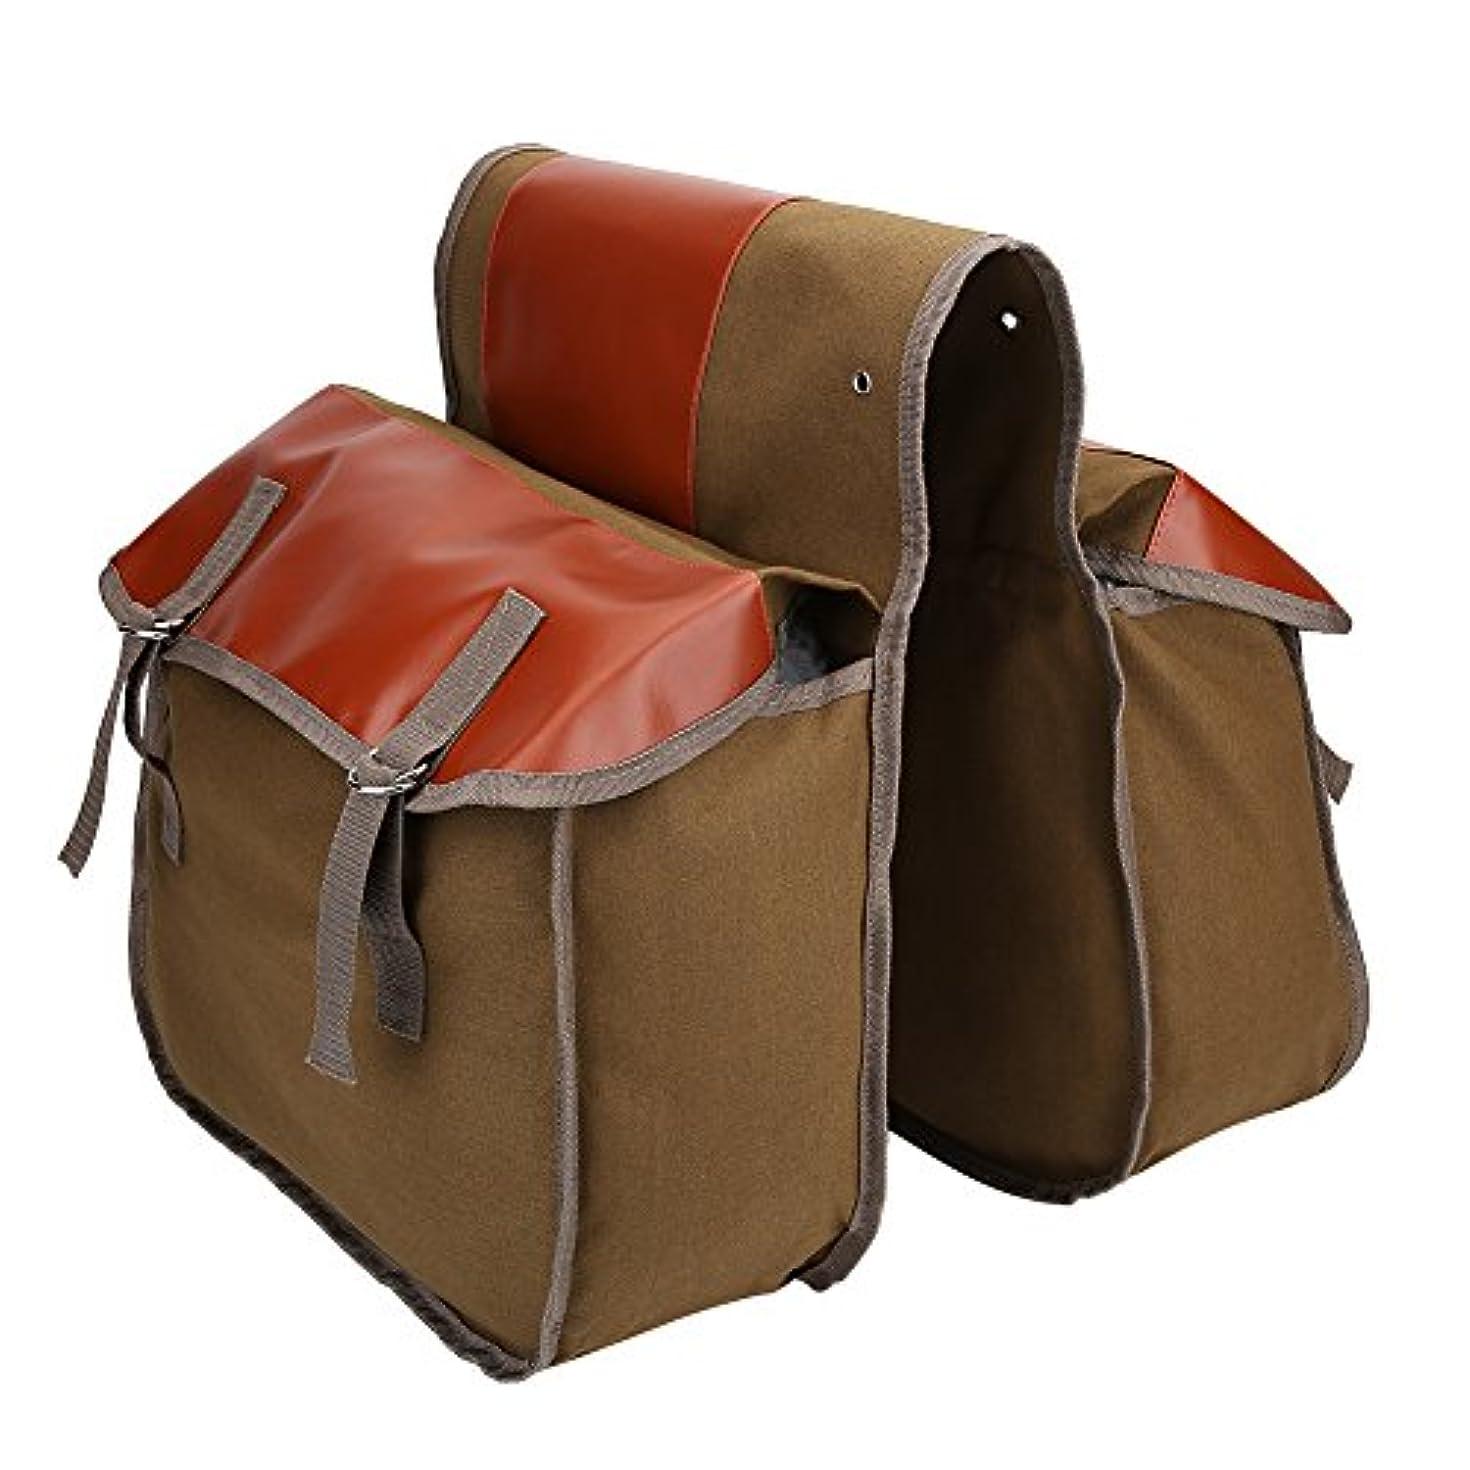 人ディプロマ達成するリアバッグ 自転車バッグ 自転車サイドバッグ フレームバッグ 両側 収納 大容量 簡単装着 キャンバス サドルバッグ